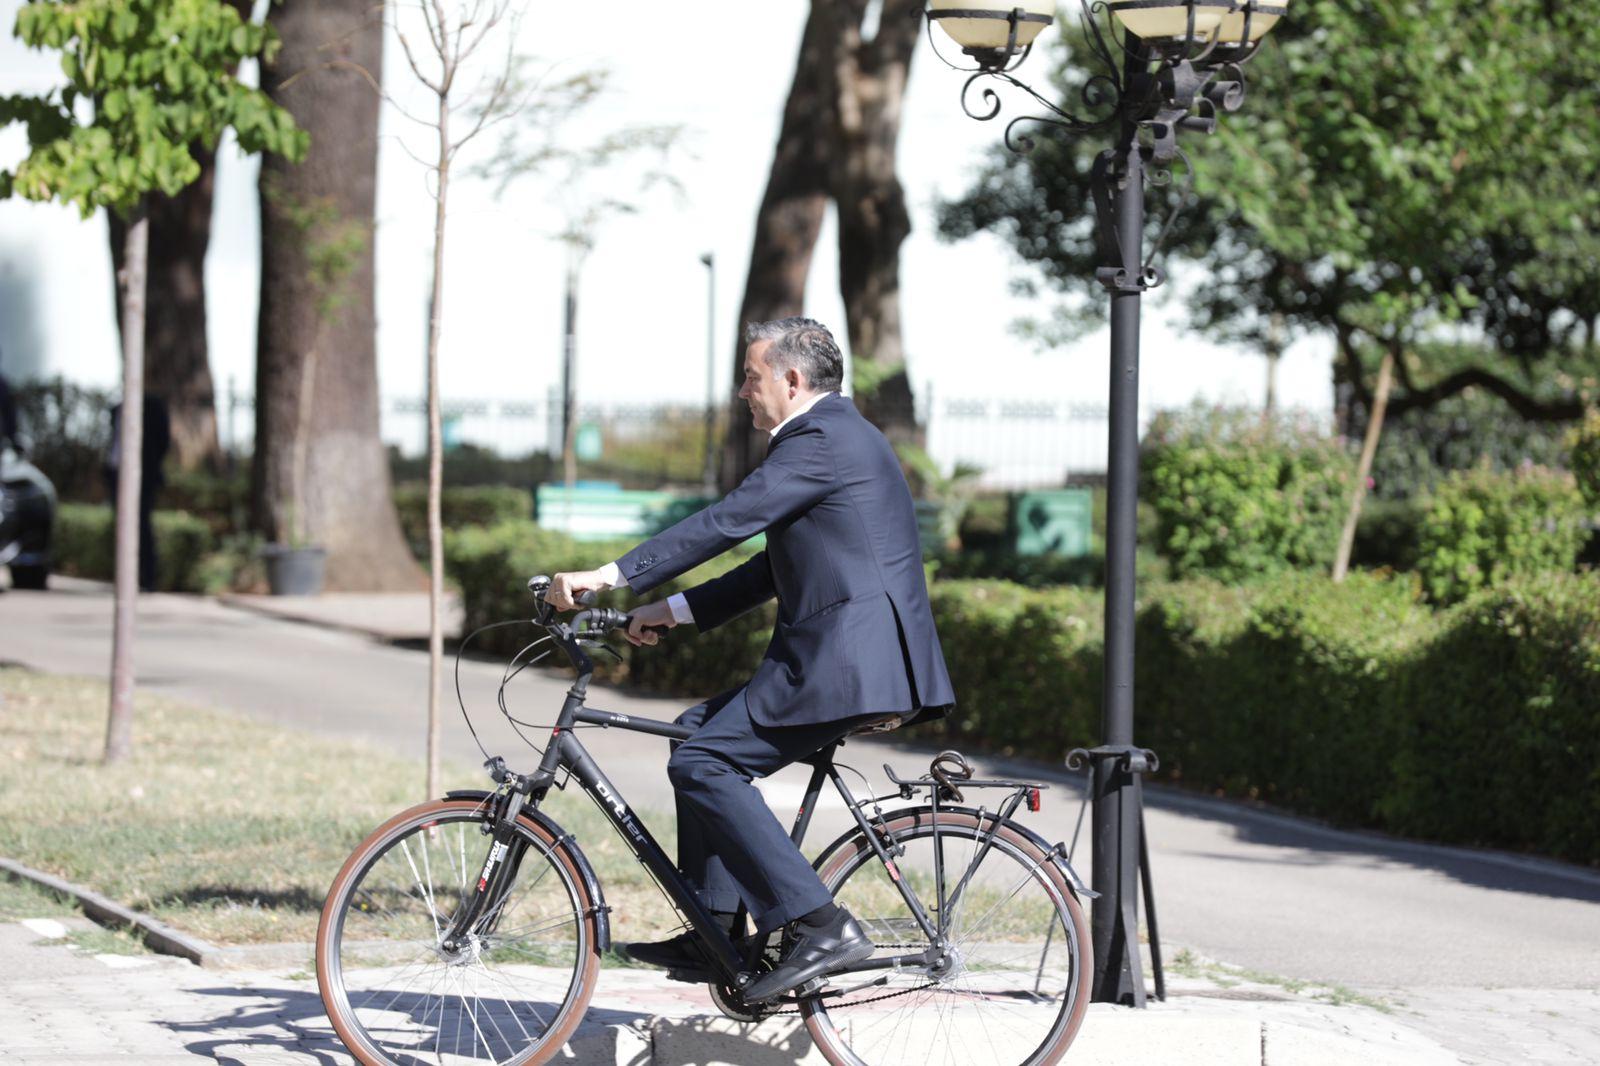 Nuk do të jetë më pjesë e qeverisë, ish-ministri shkon me biçikletë në Kuvend